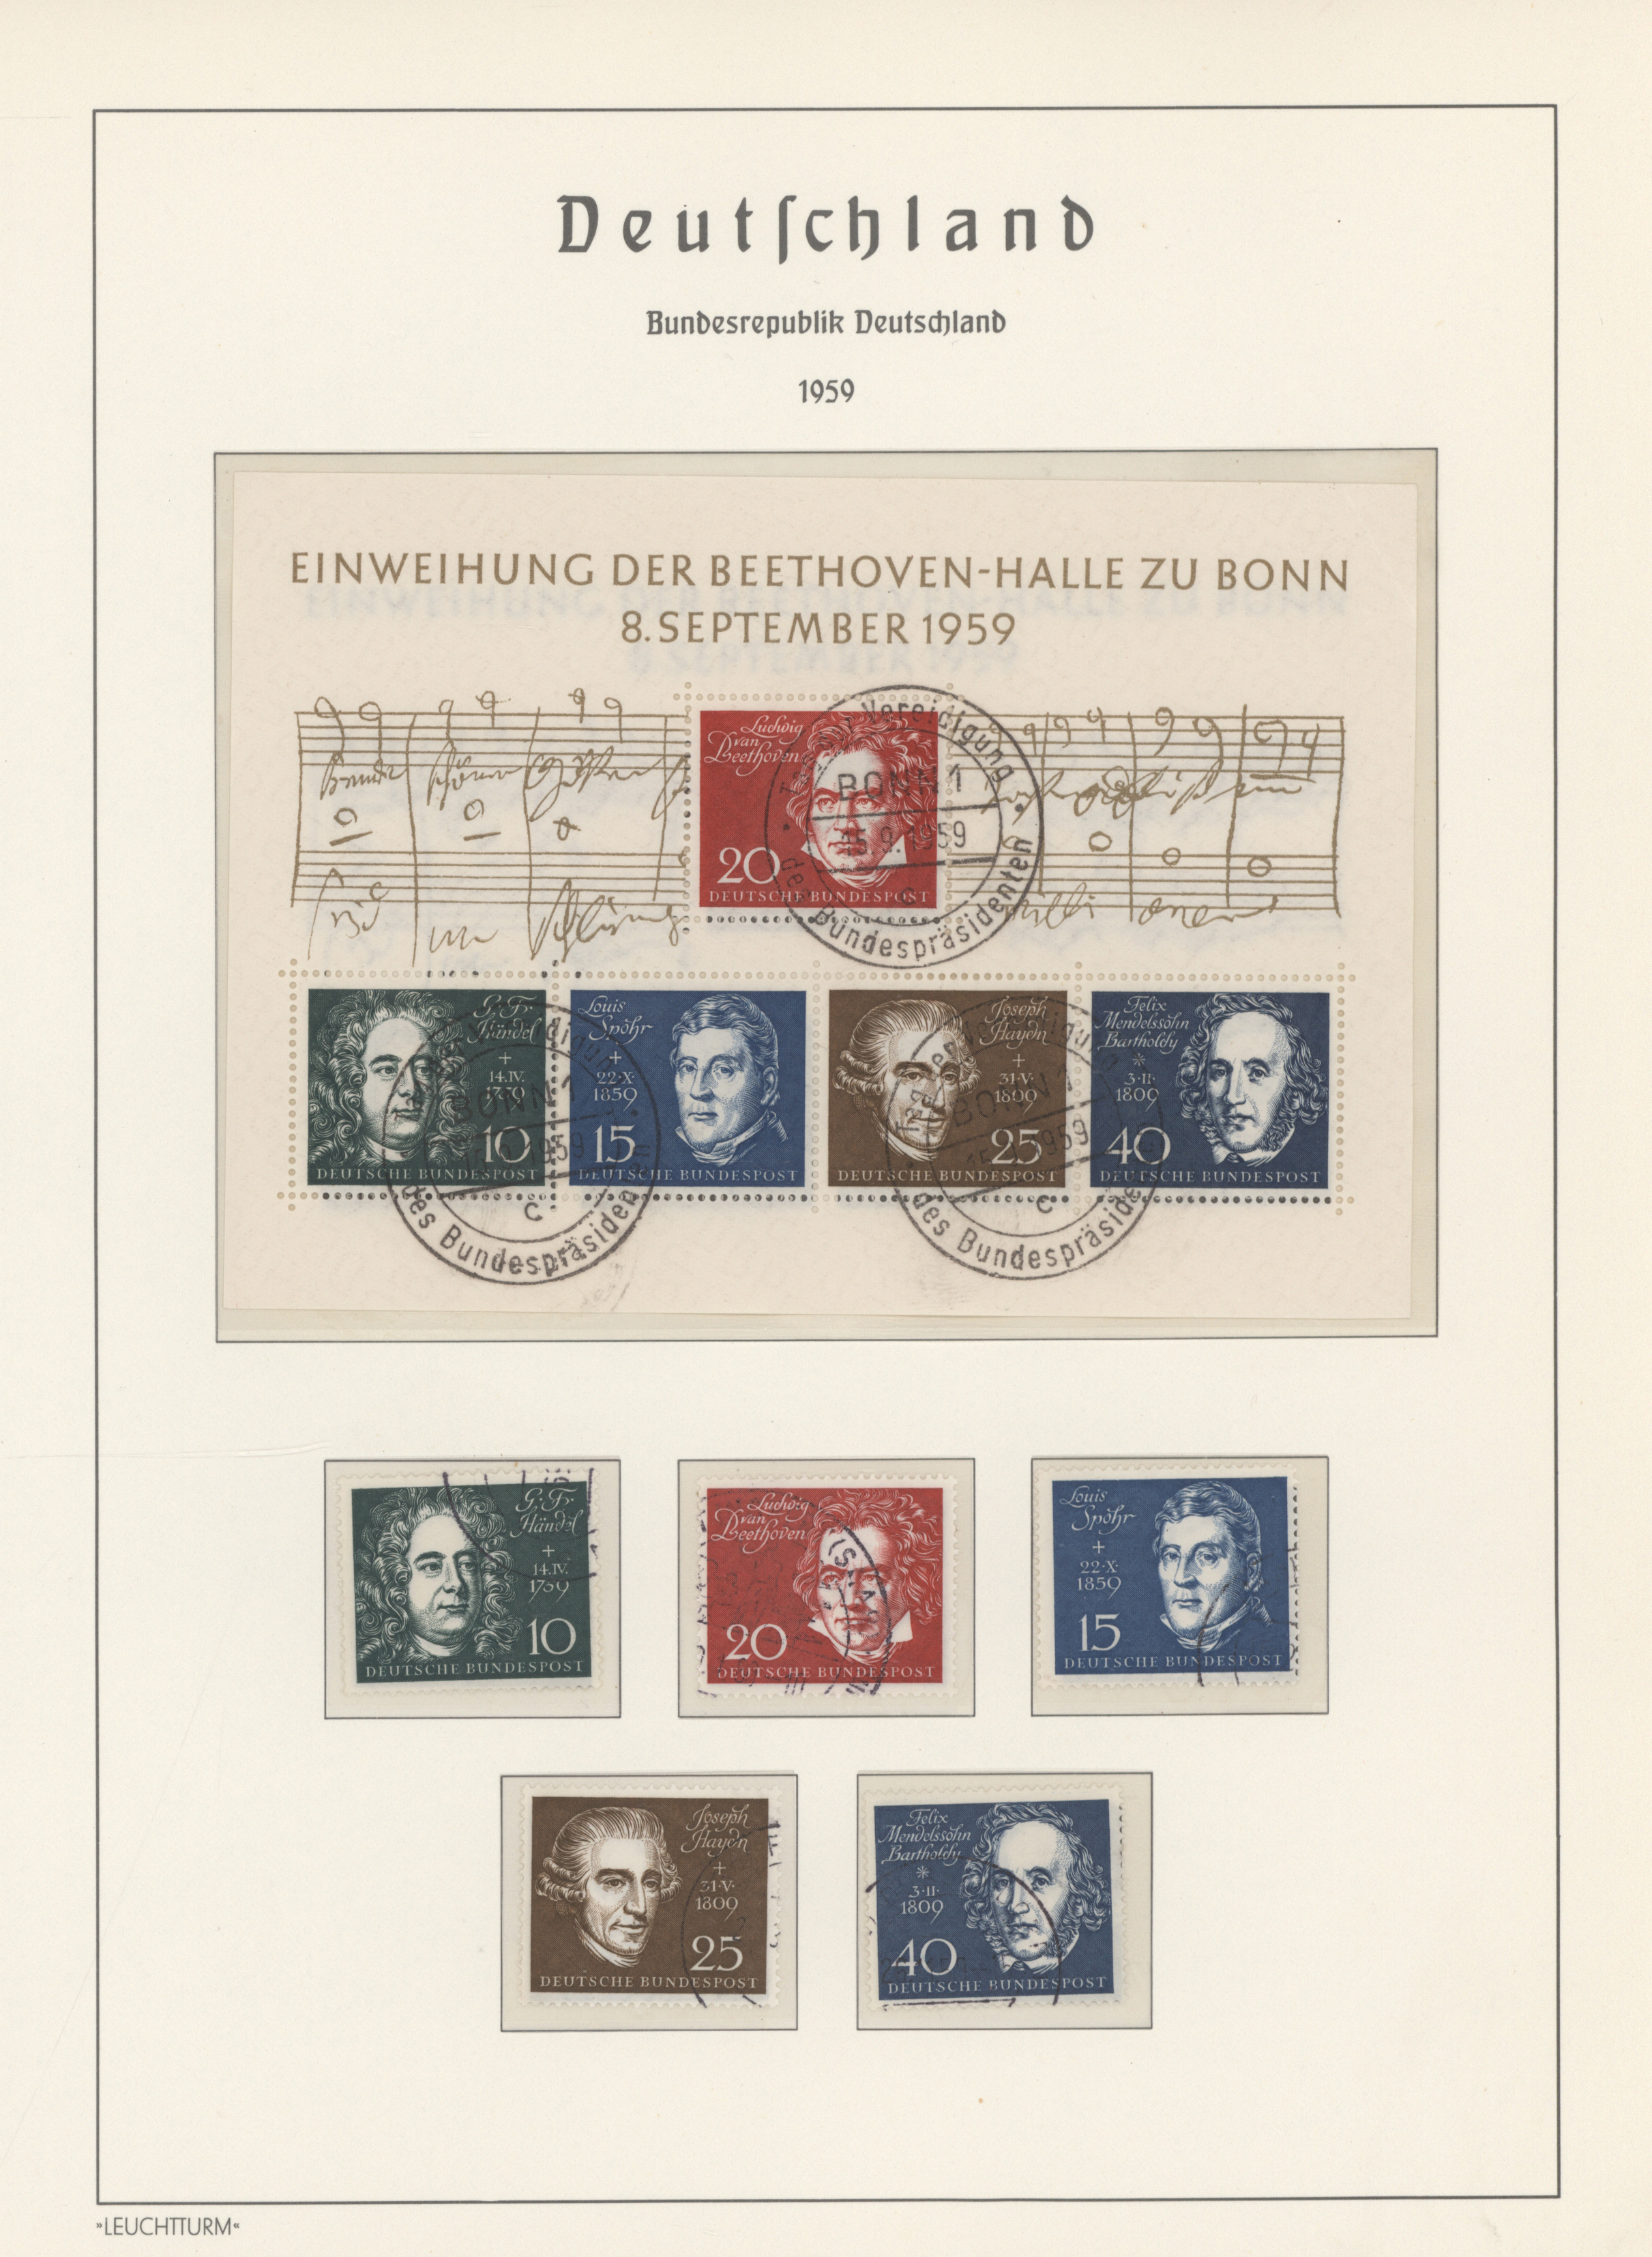 Lot 24465 - bundesrepublik deutschland  -  Auktionshaus Christoph Gärtner GmbH & Co. KG 50th Auction Anniversary Auction - Day 7